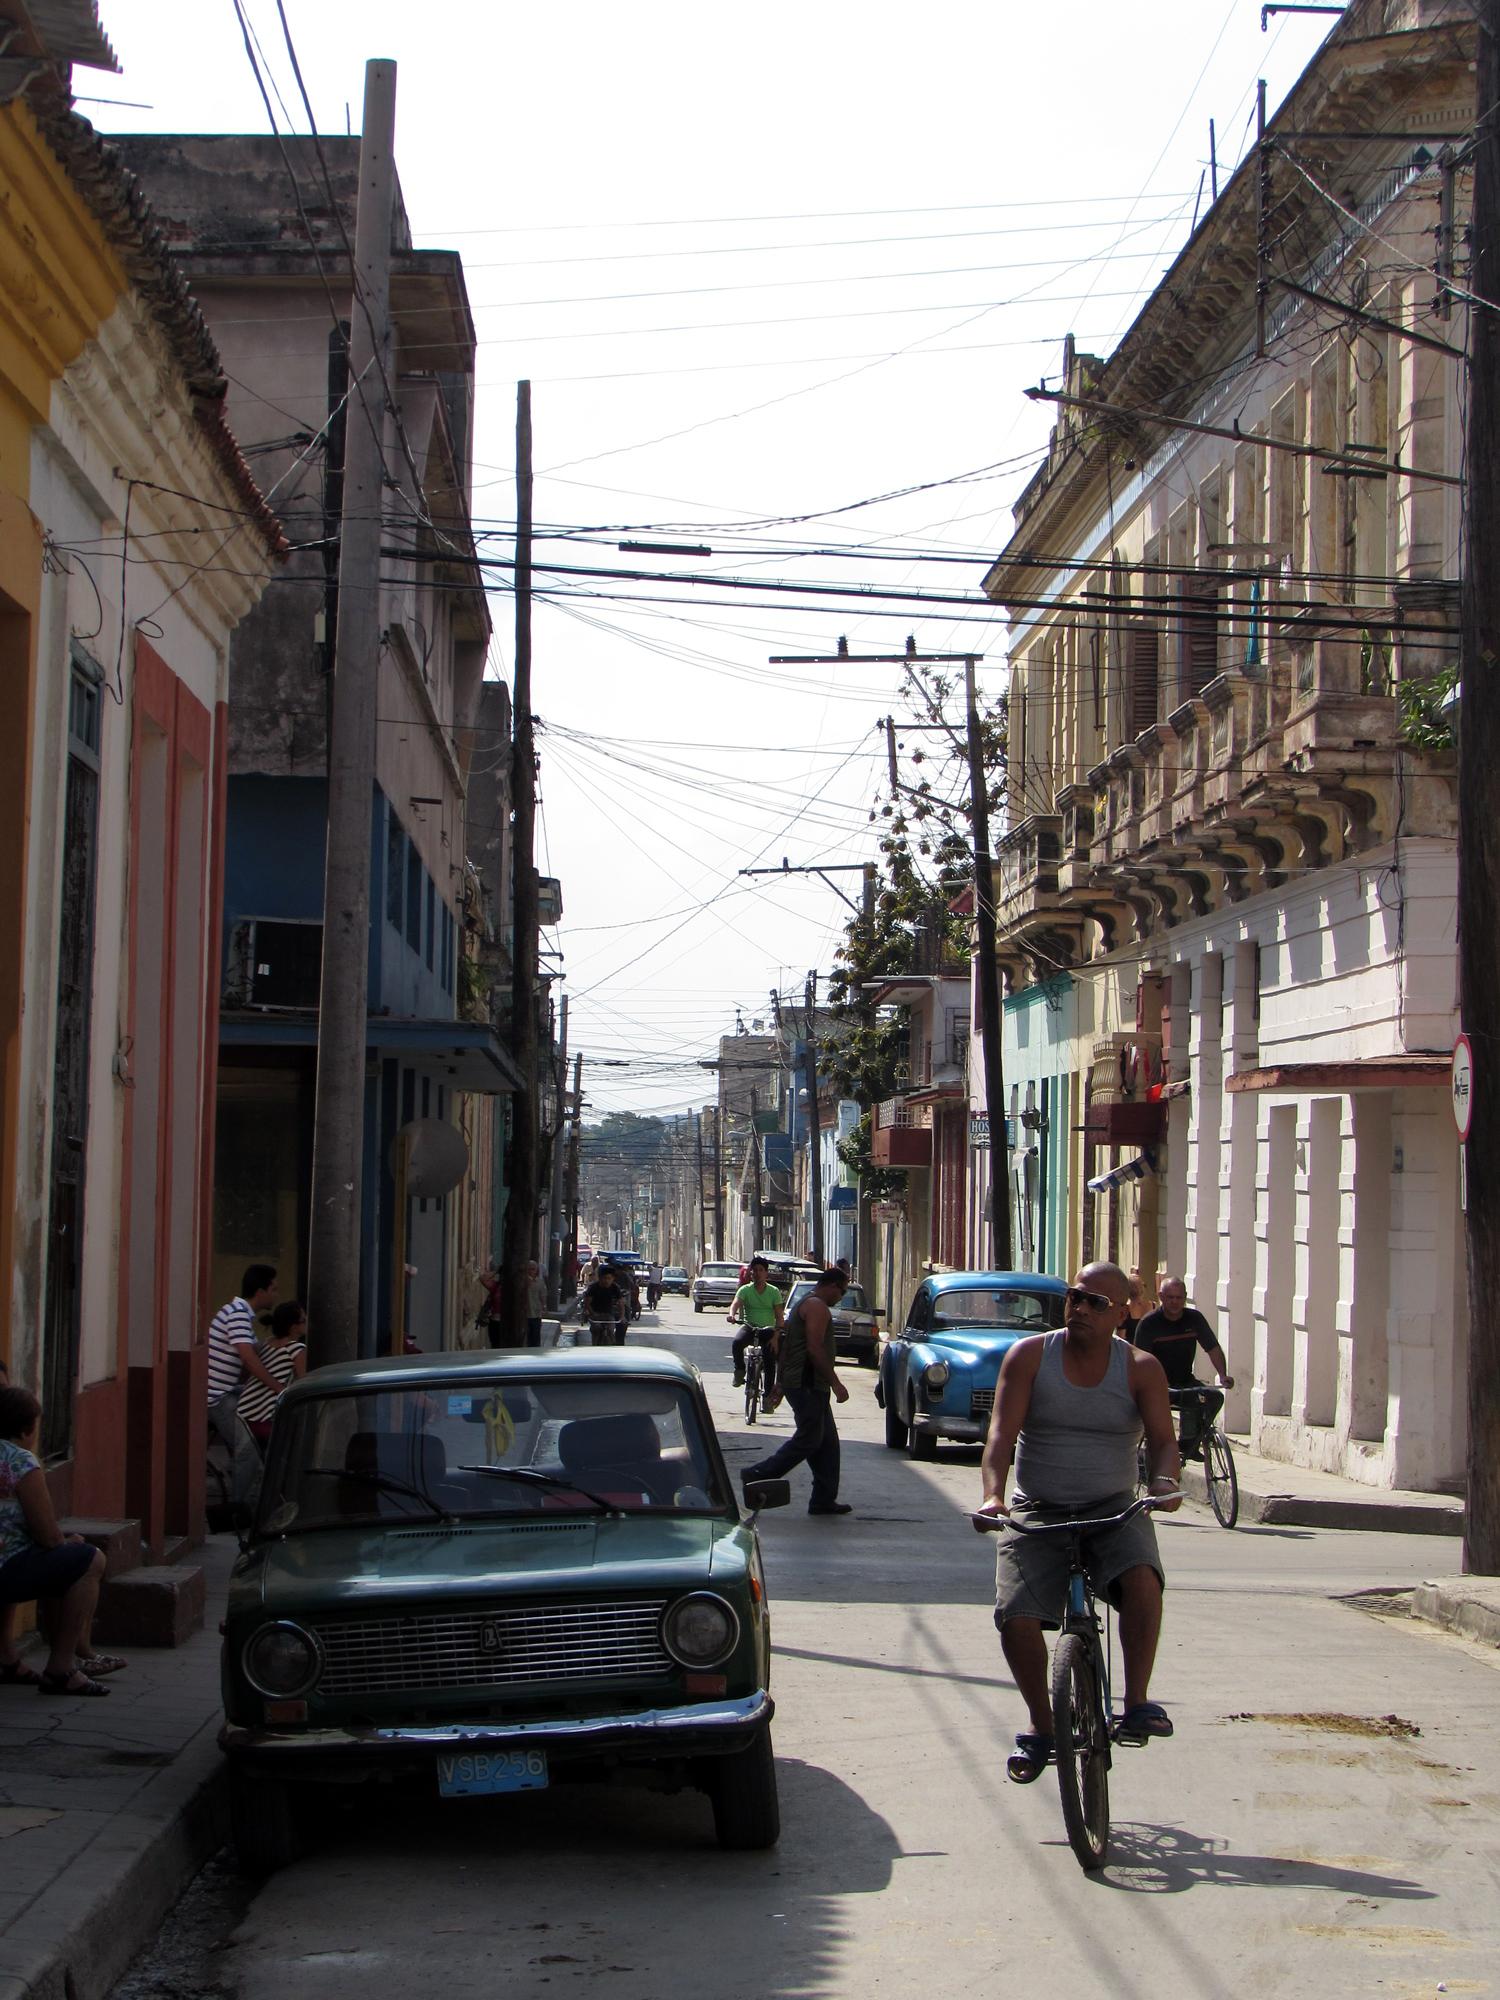 A street in Santa Clara